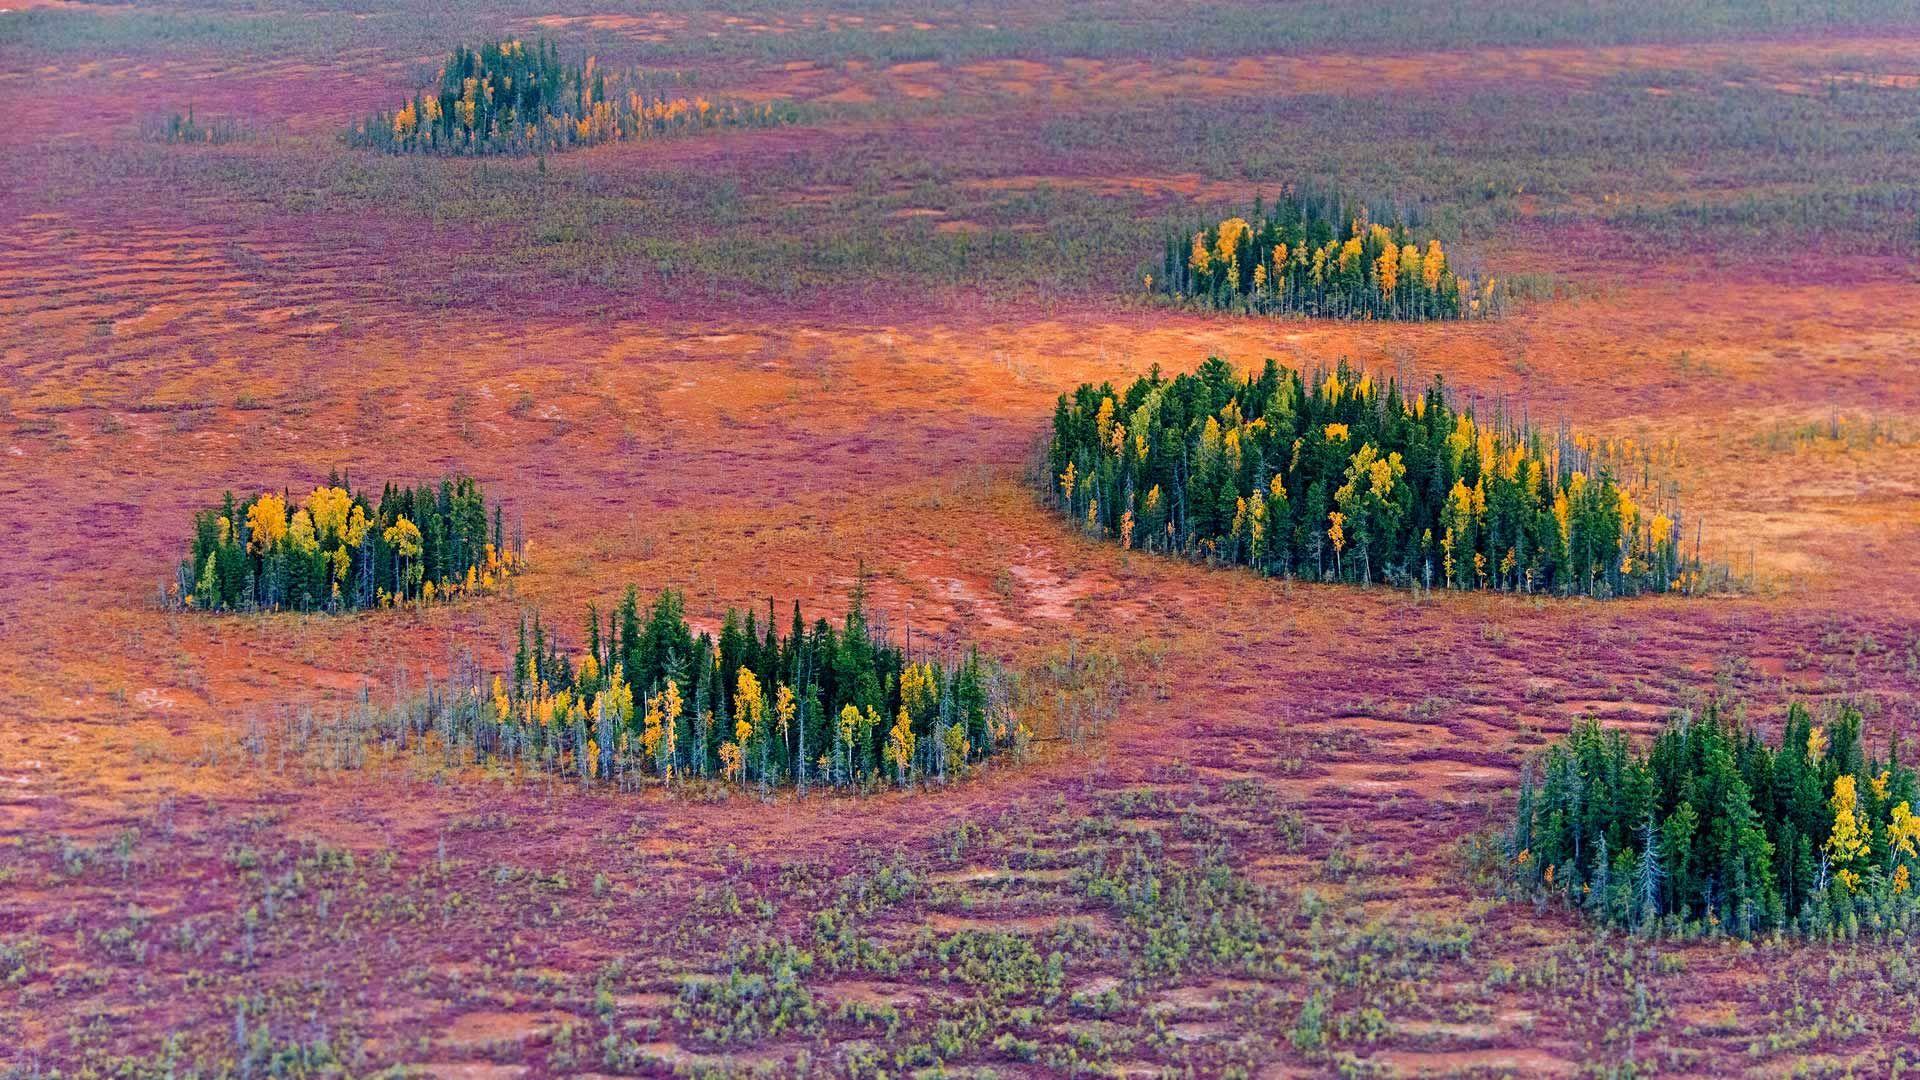 2016-10-09_SiberiaFoliage (1920×1080)